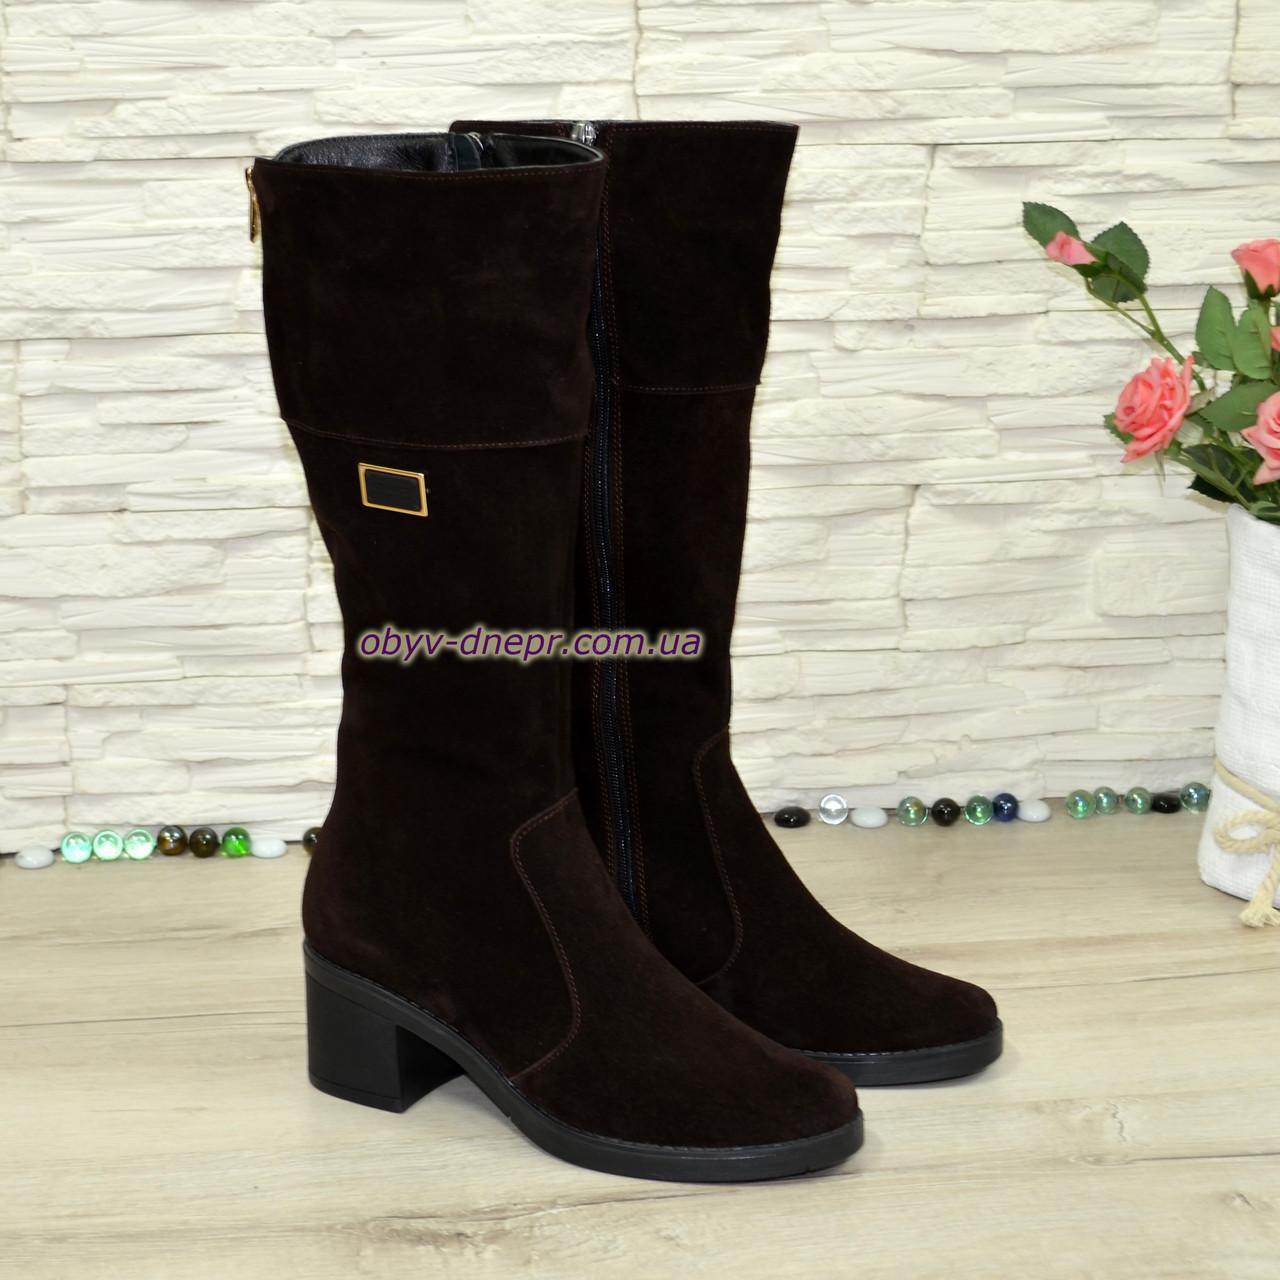 Сапоги замшевые женские зимние на невысоком каблуке, из натуральной замши коричневого цвета